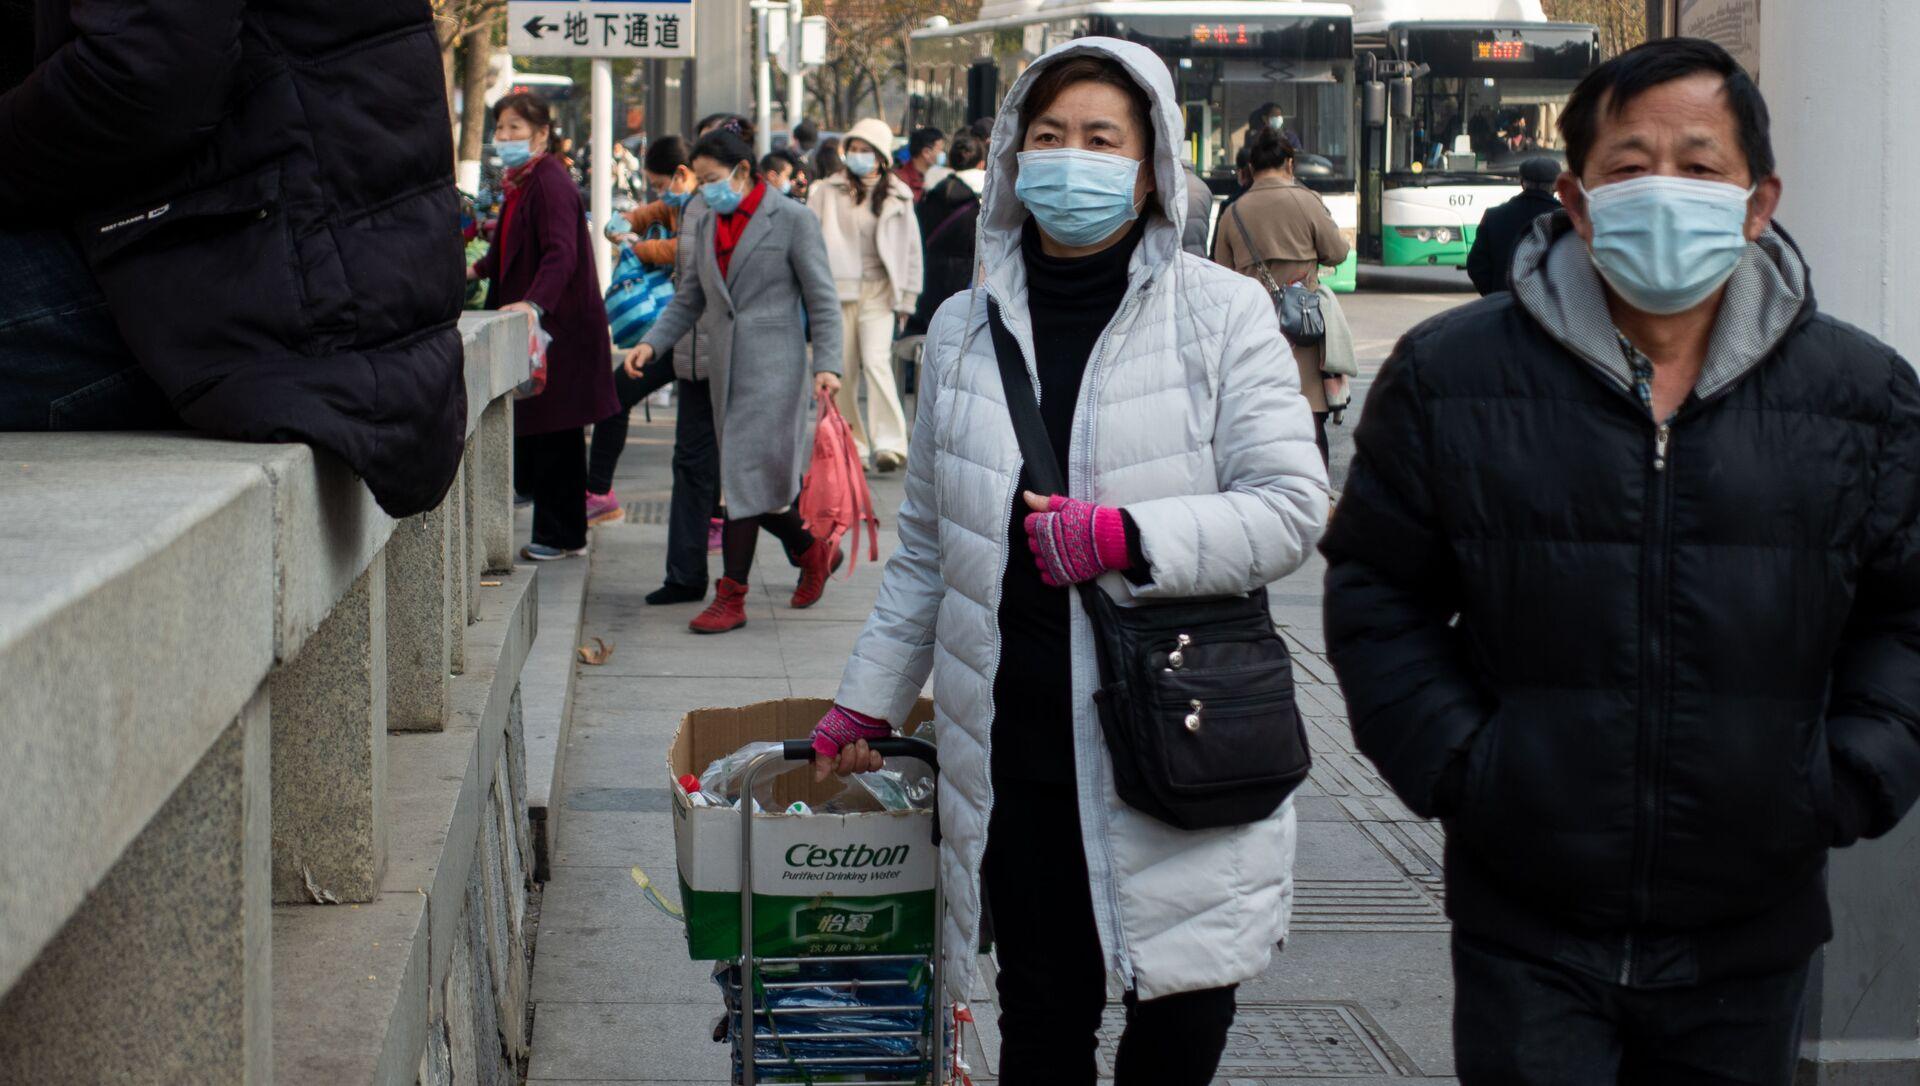 Ludzie w maskach ochronnych na ulicy w Wuhan w Chinach - Sputnik Polska, 1920, 29.03.2021